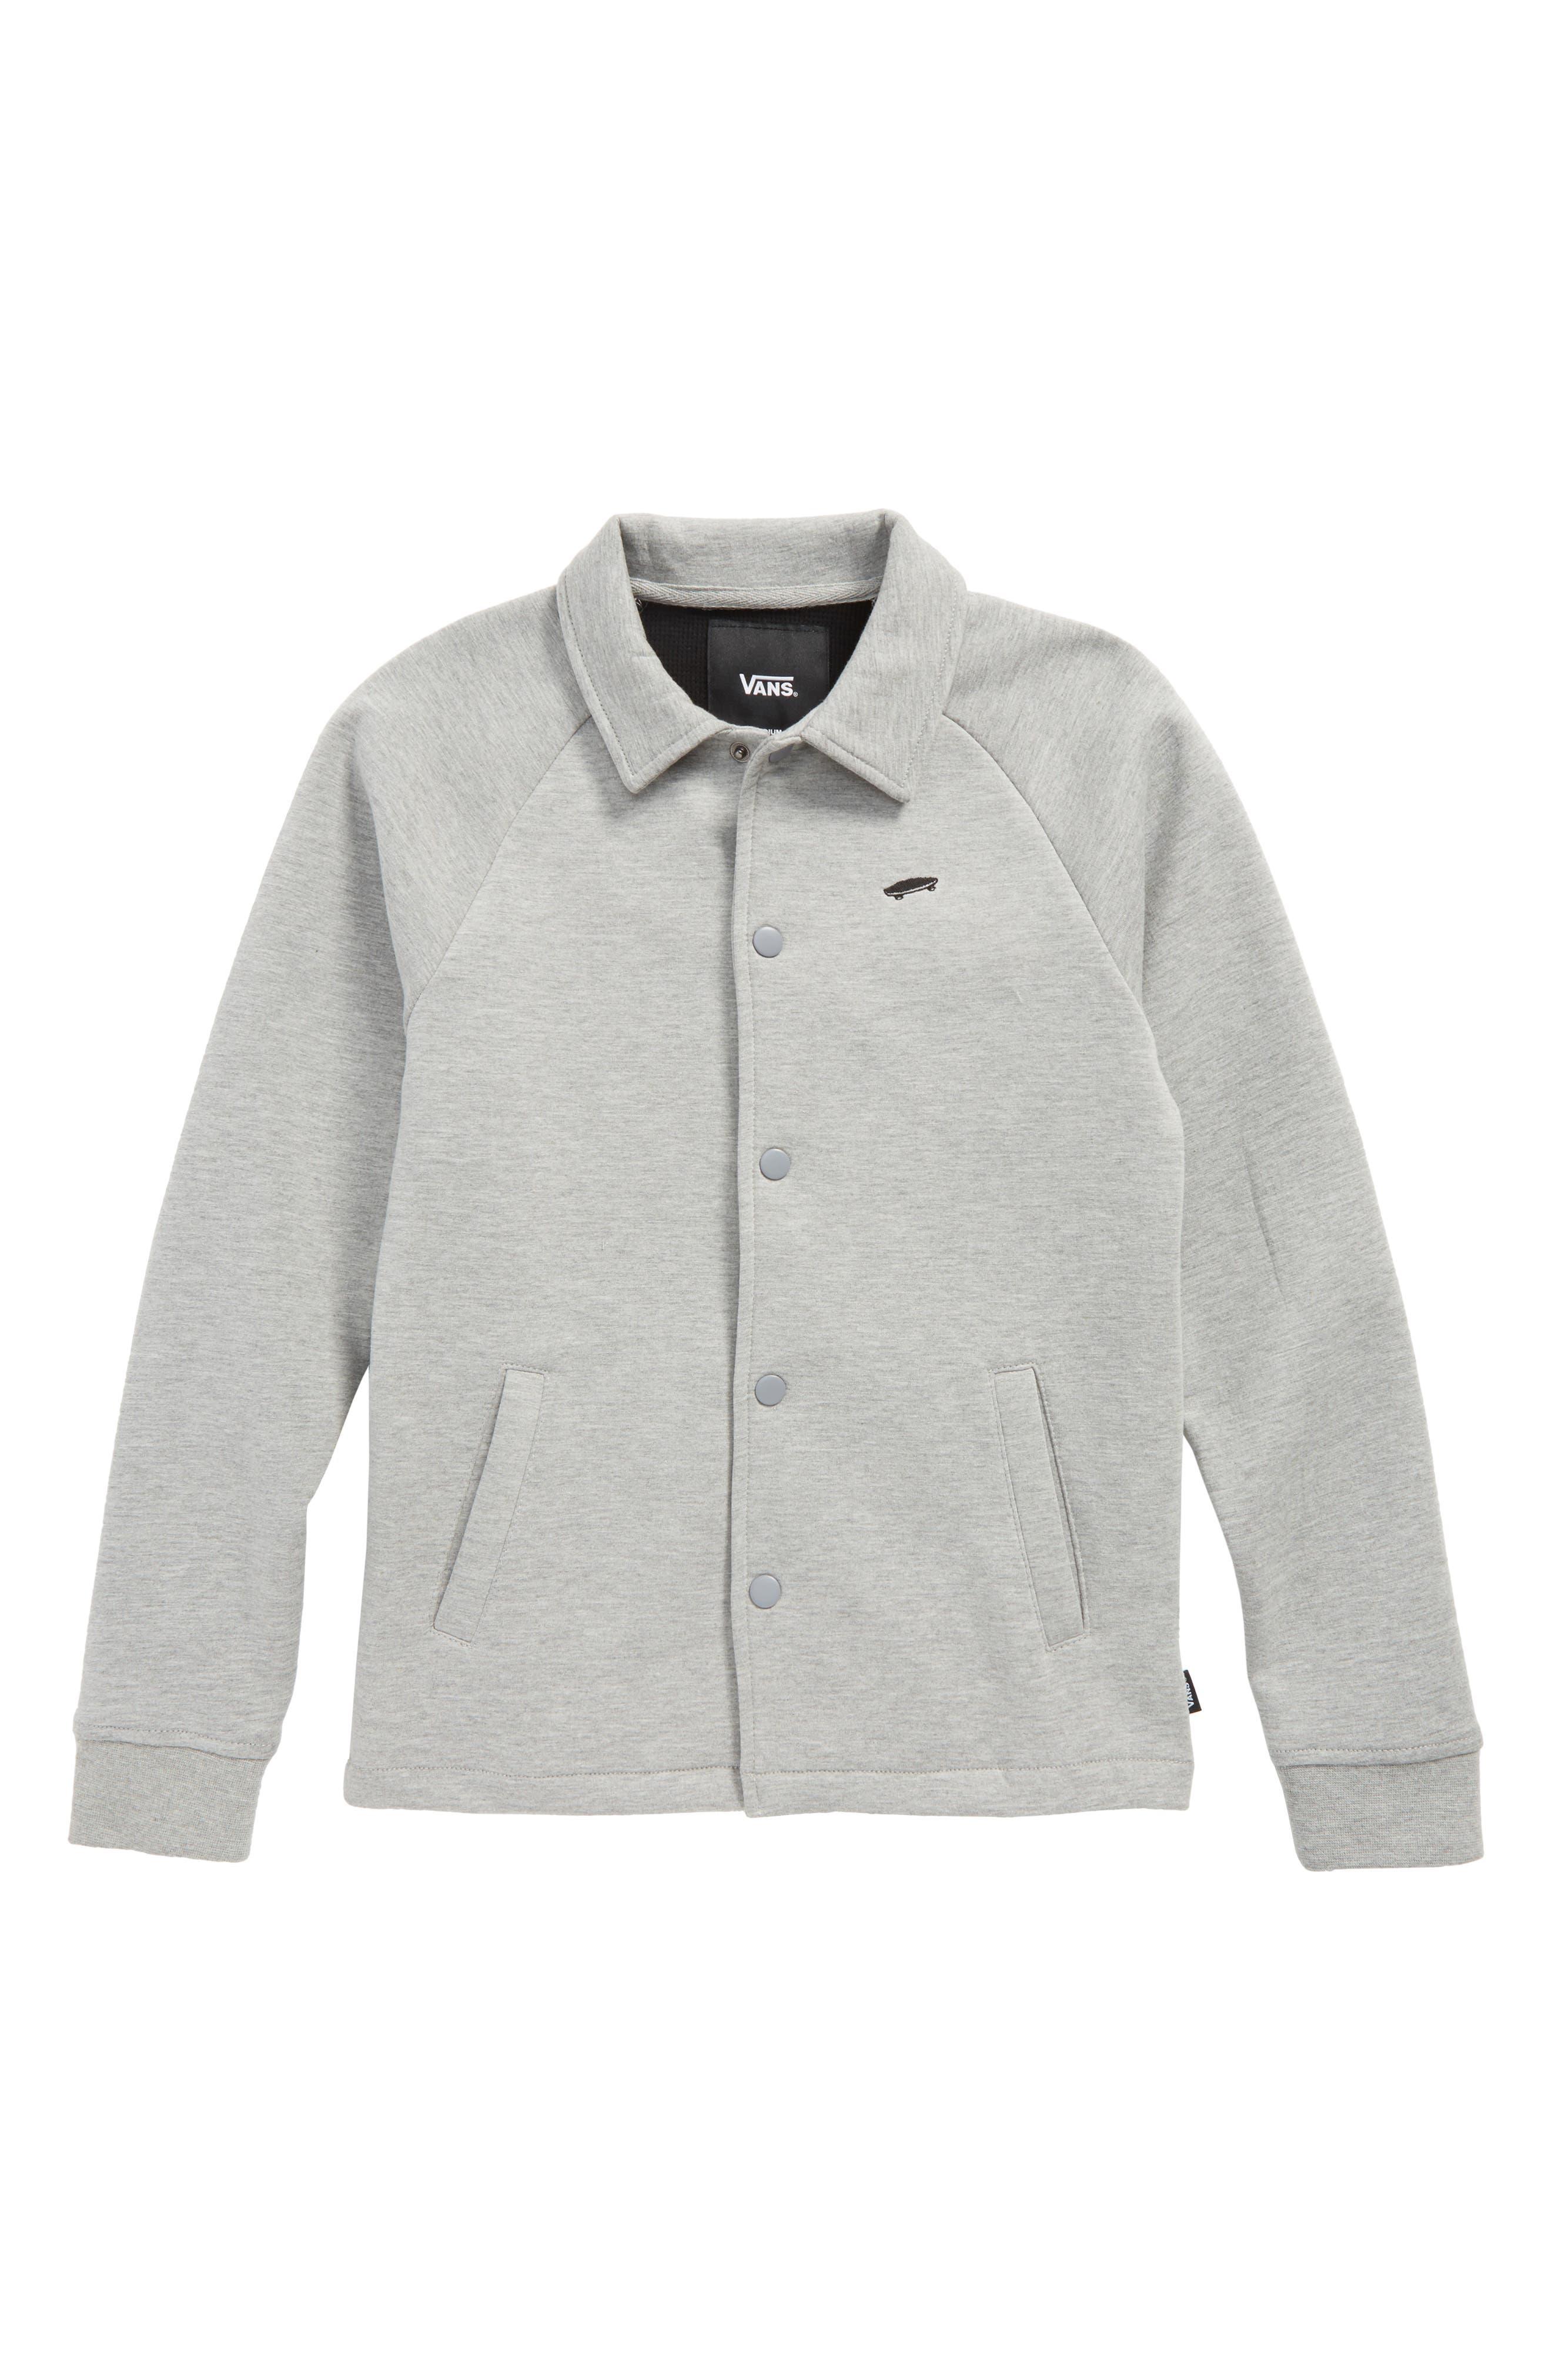 Alternate Image 1 Selected - Vans Torrey Fleece Jacket (Big Boys)